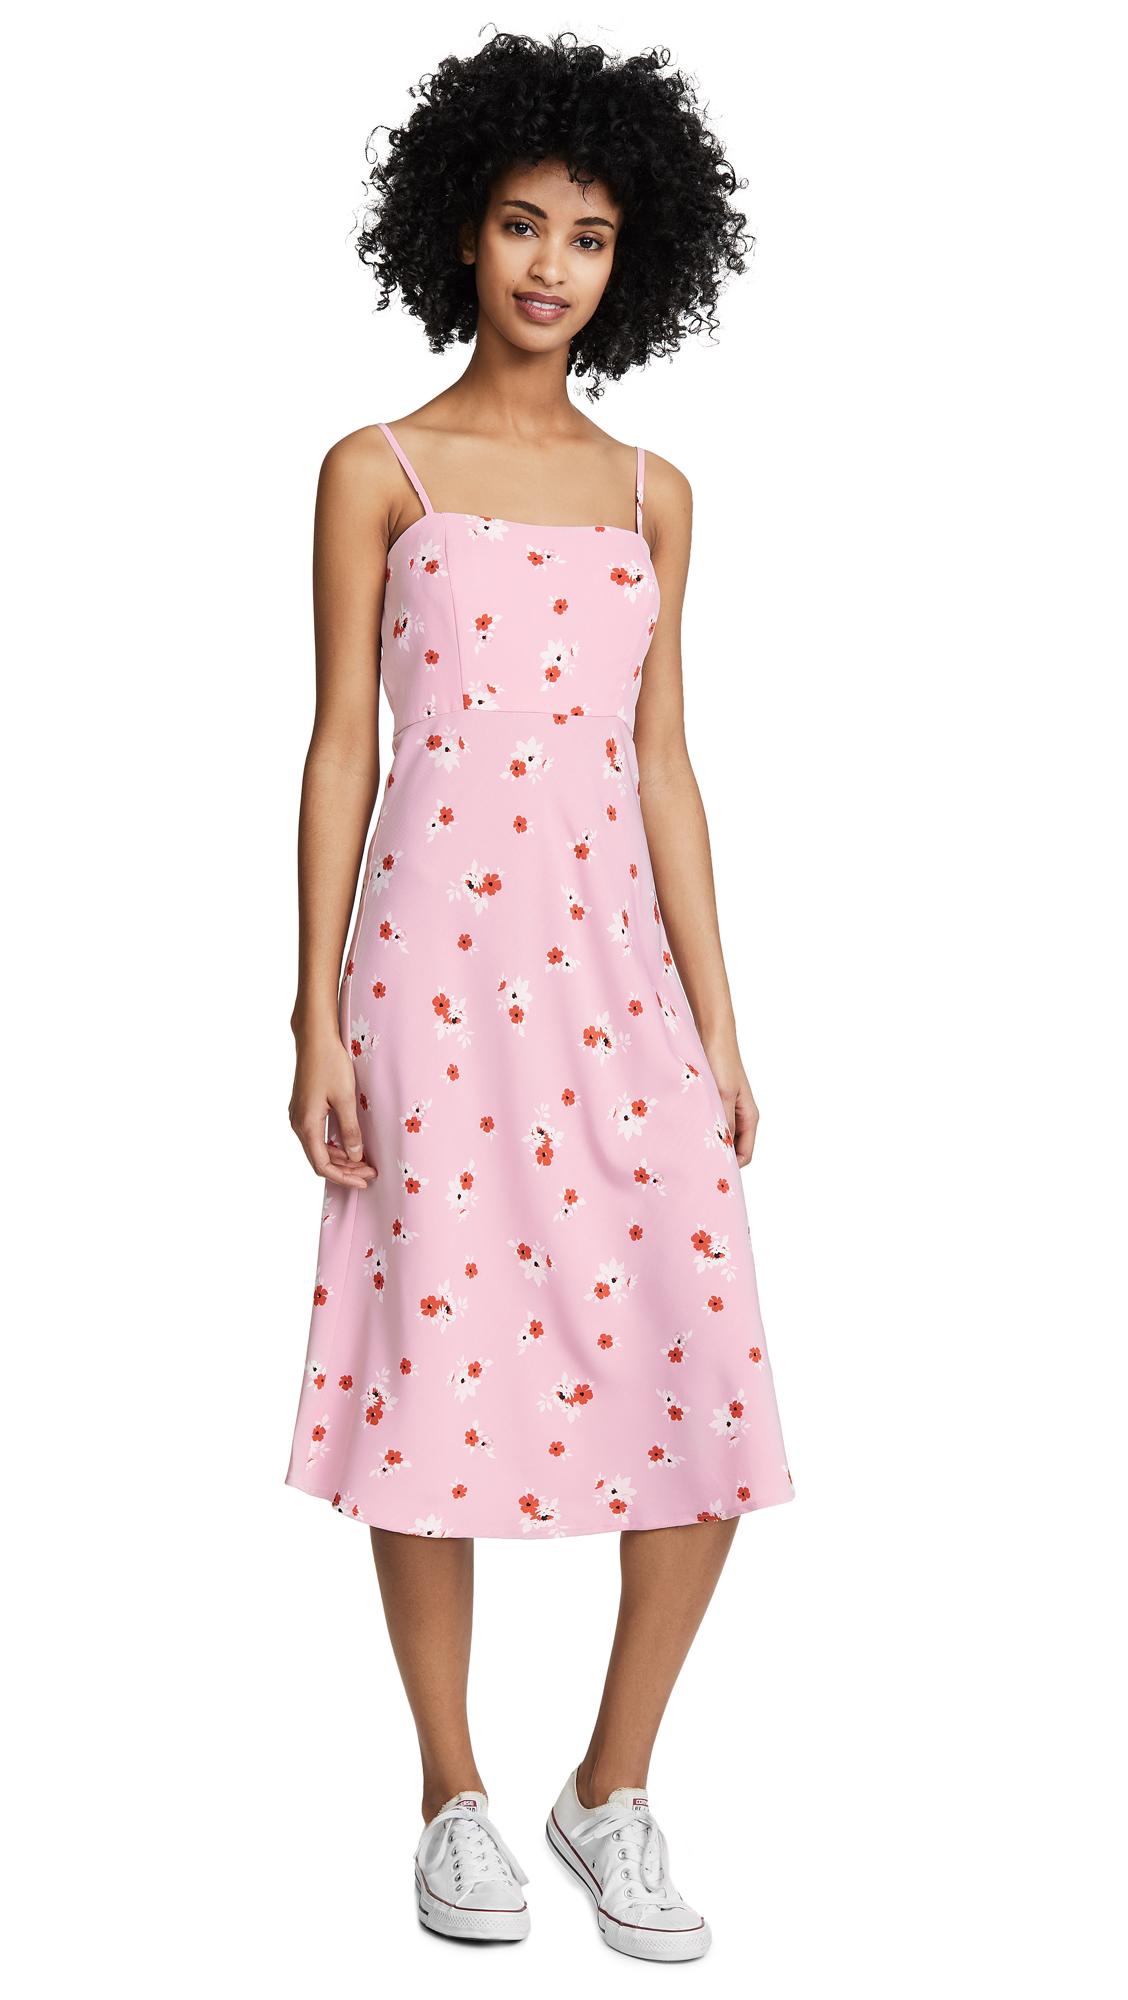 re: named Brenda Floral Midi Dress - Pink Multi